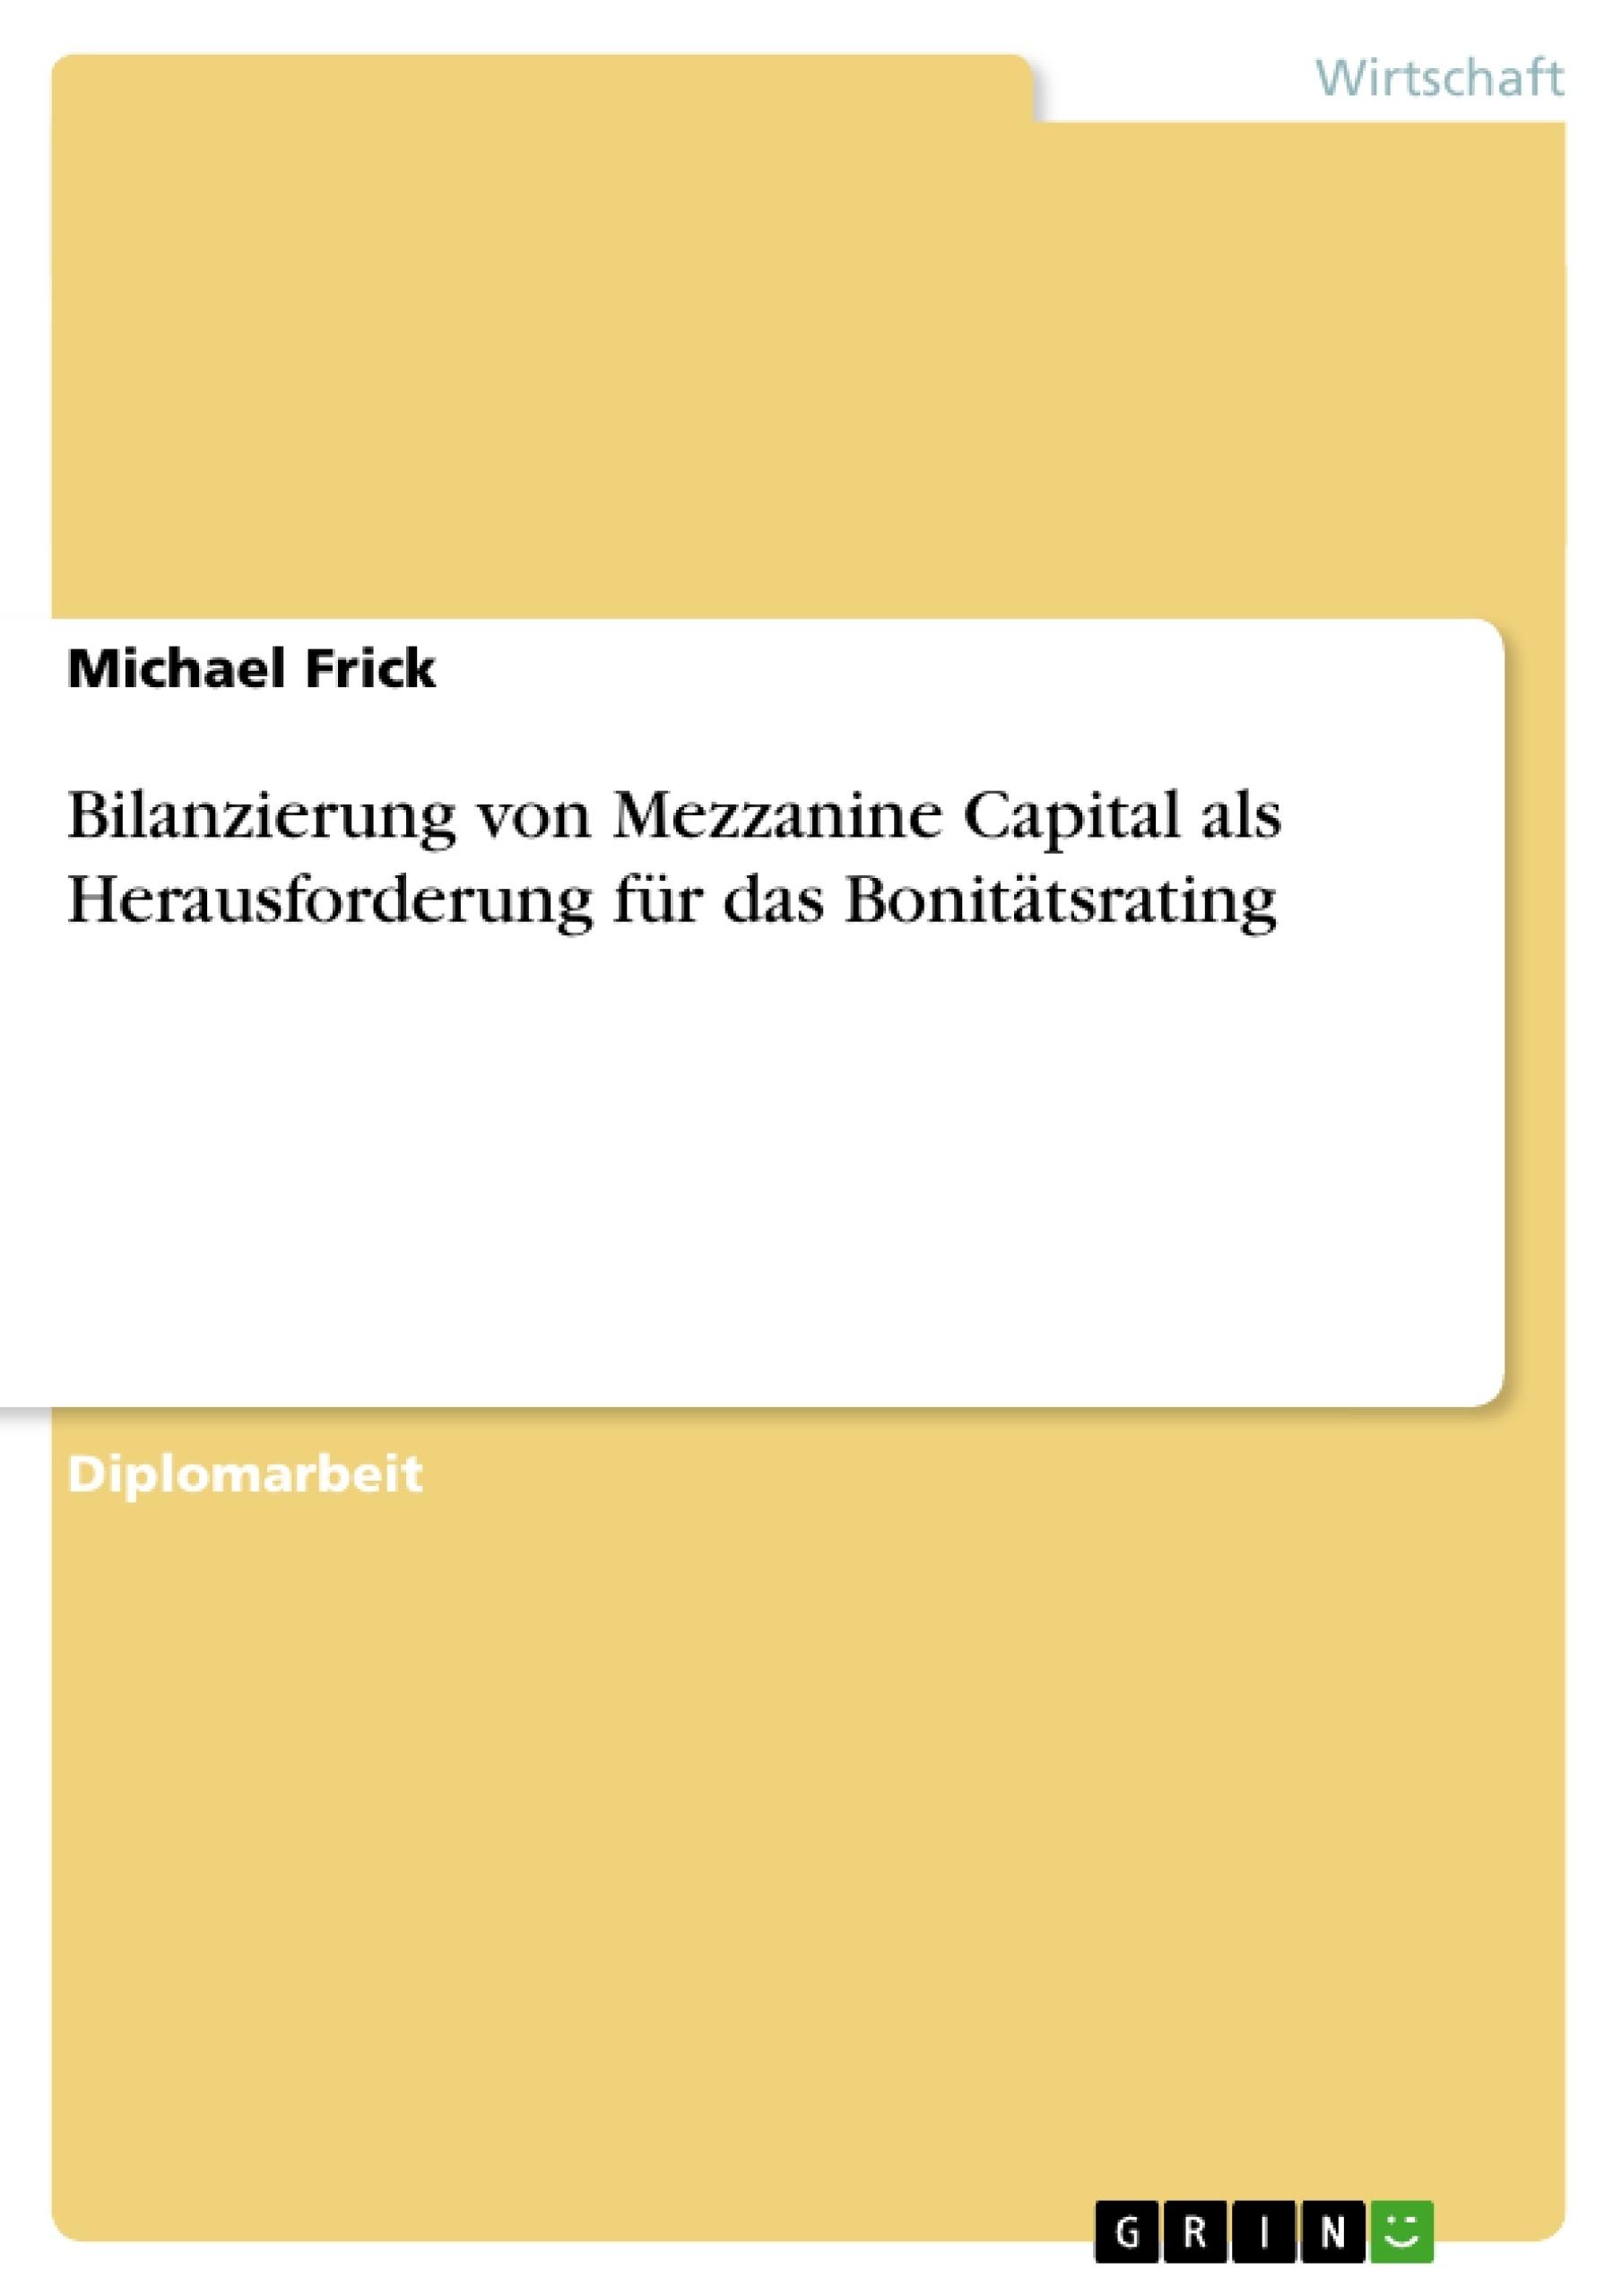 Titel: Bilanzierung von Mezzanine Capital als Herausforderung für das Bonitätsrating